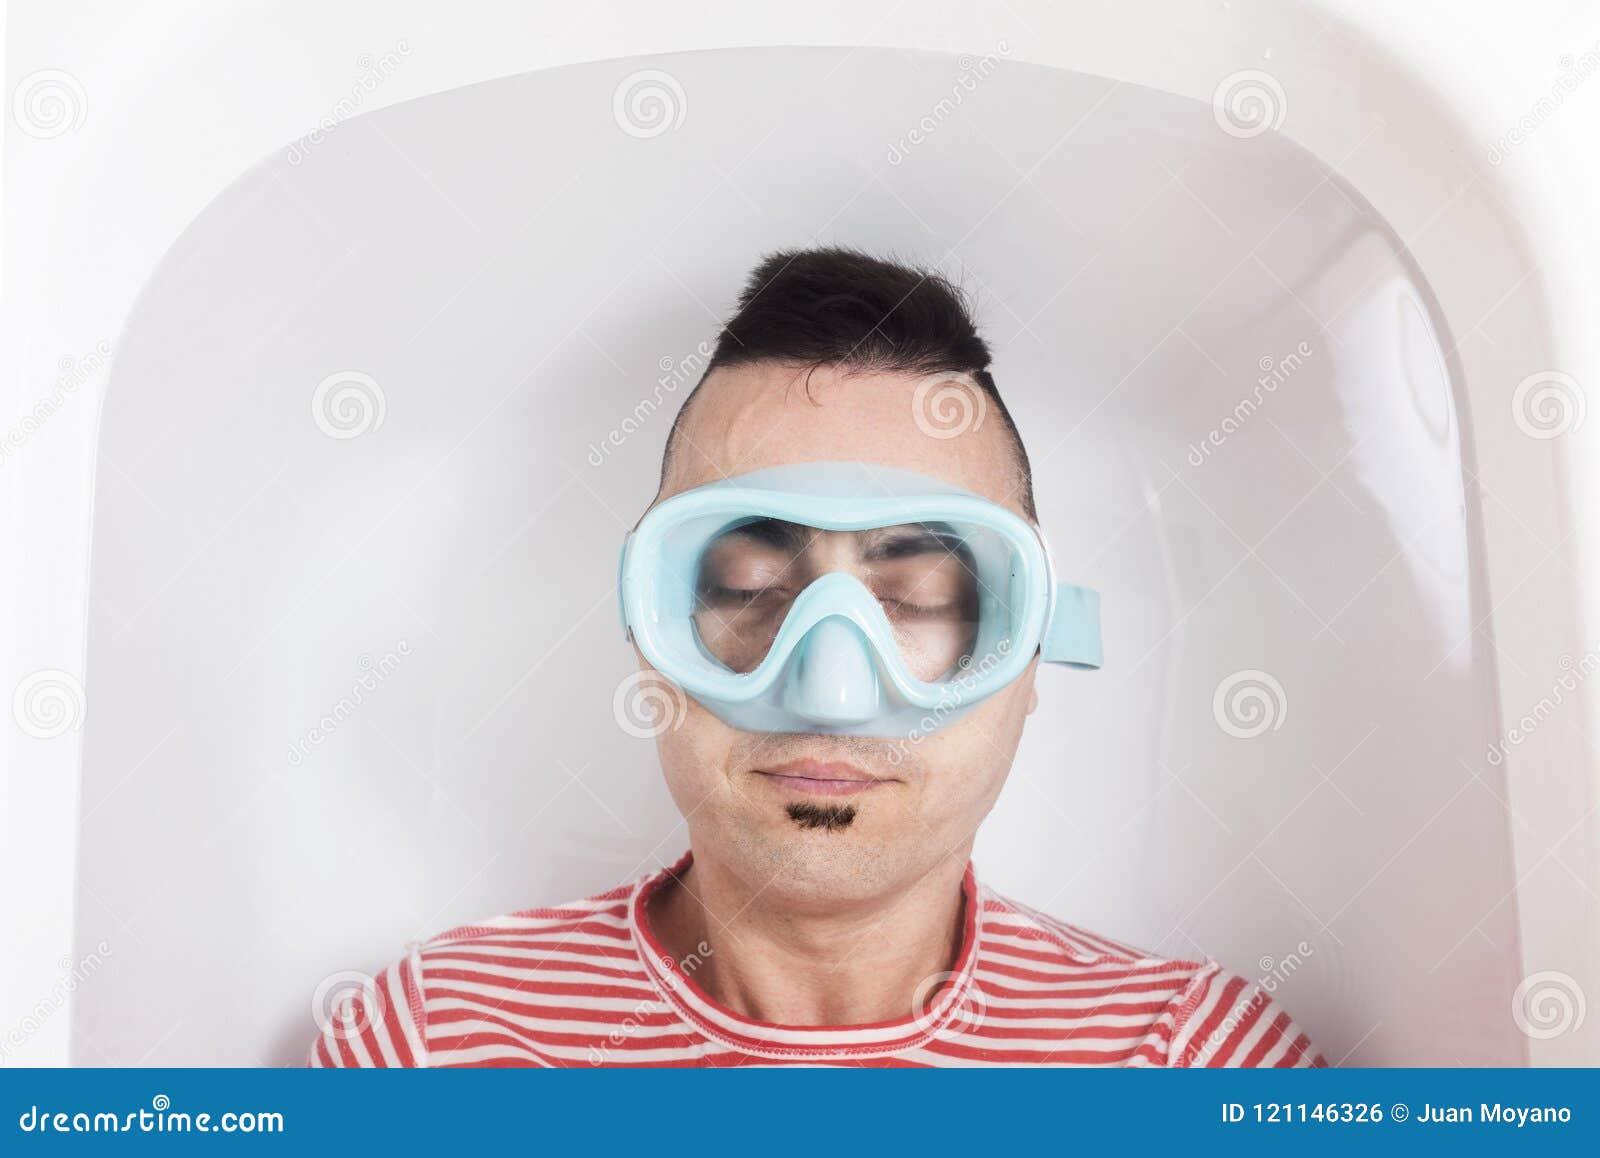 homme-avec-un-masque-de-plong%C3%A9e-dans-l-eau-d-une-baignoire-121146326